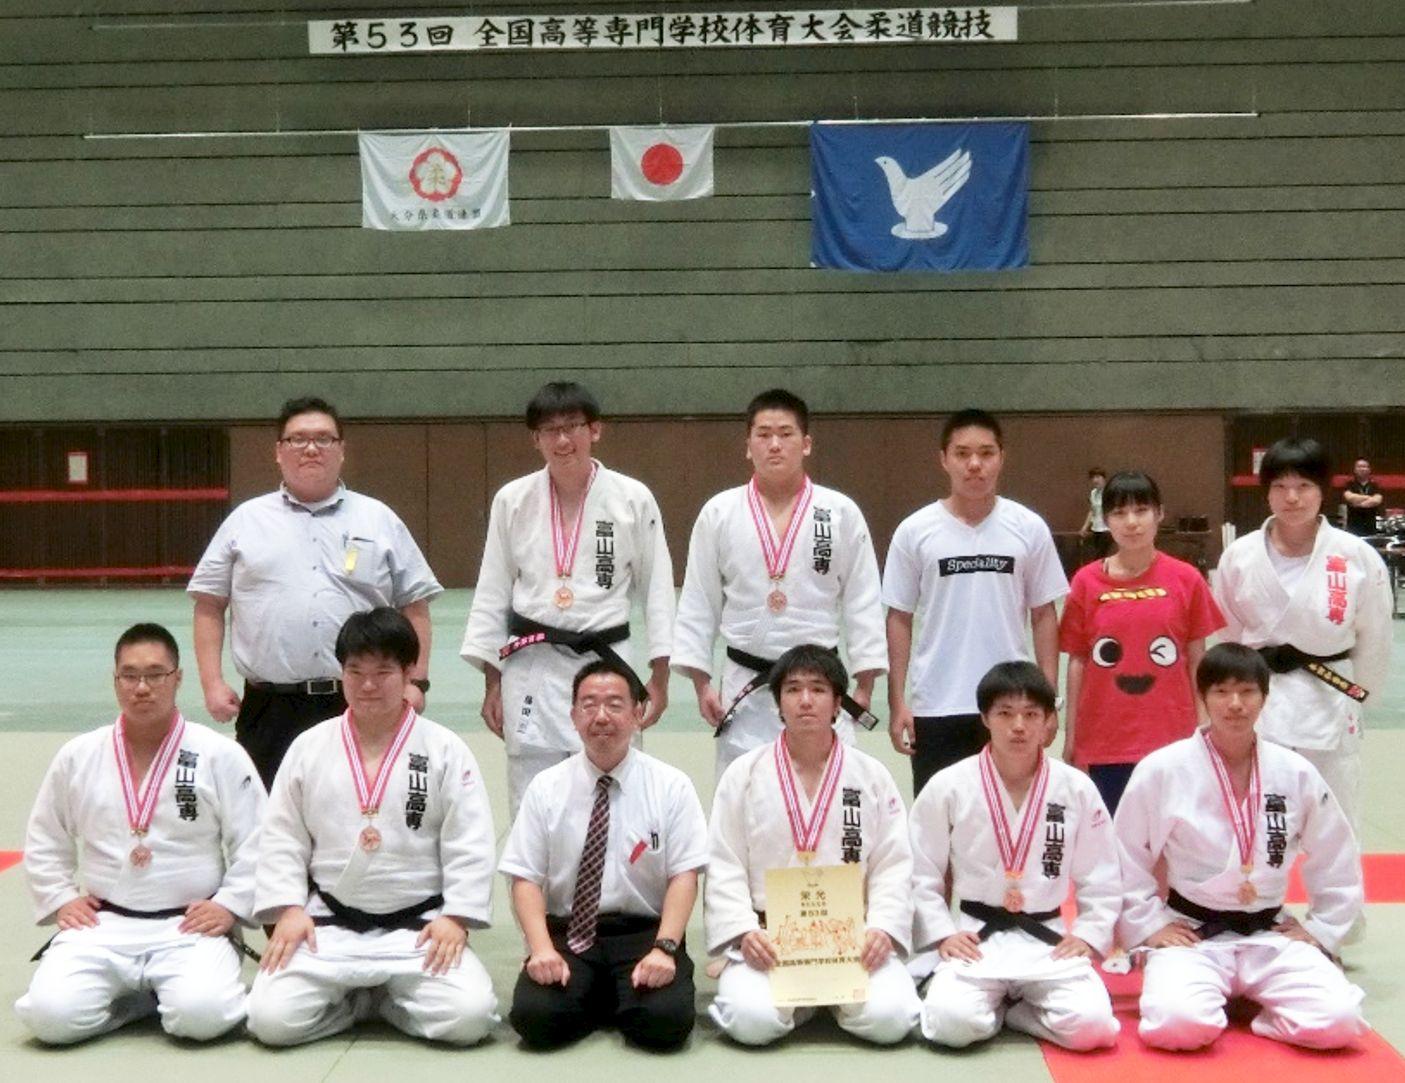 全国高専大会柔道競技で男子団体は3位入賞、女子63㎏級は準優勝しました。(本郷キャンパス)